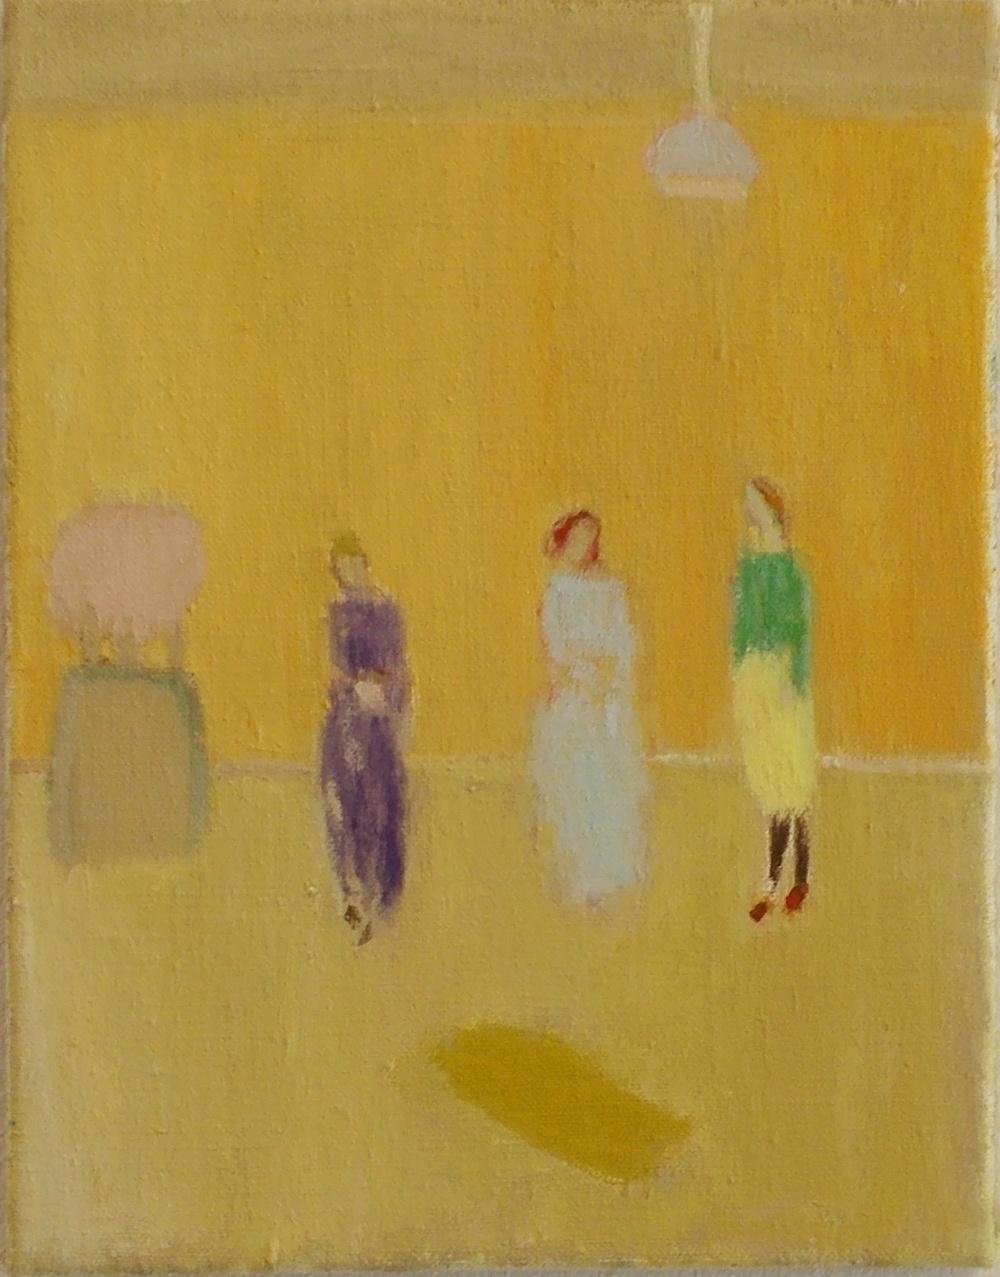 Nancy's room, Oil on linen, 25 x 20 cm, 2012